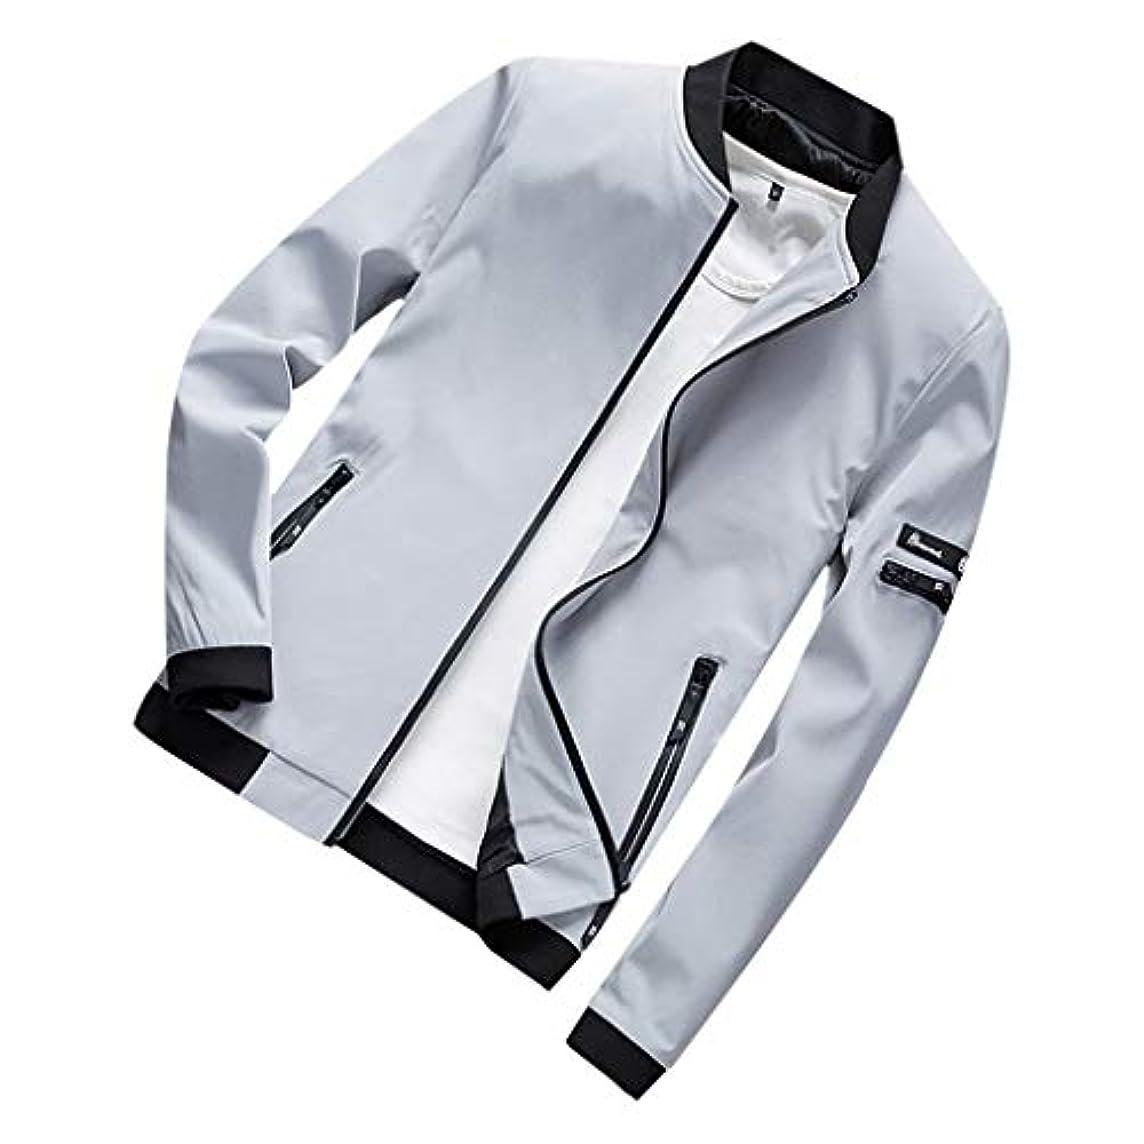 ジャケット メンズ コート ブルゾン 秋 冬 防水 無地 カジュアル 綿 大きいサイズ アウター 黒 ストレッチ ビジネスシャツ 細身 ジャケット